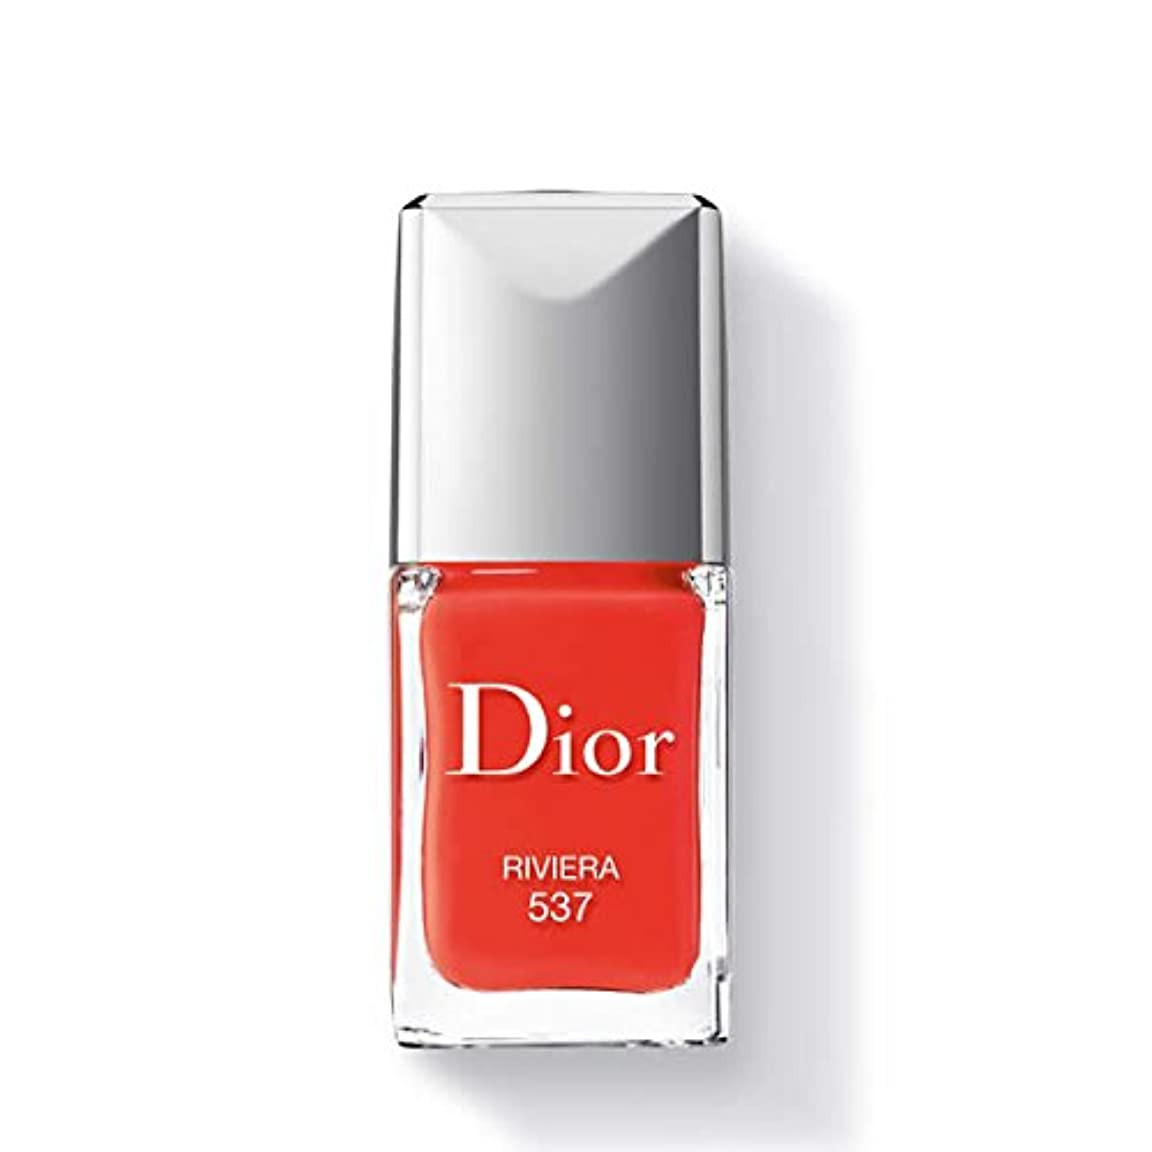 迫害する裂け目公演Dior ディオールヴェルニ #537 リヴィエラ 10ml [208031] [並行輸入品]